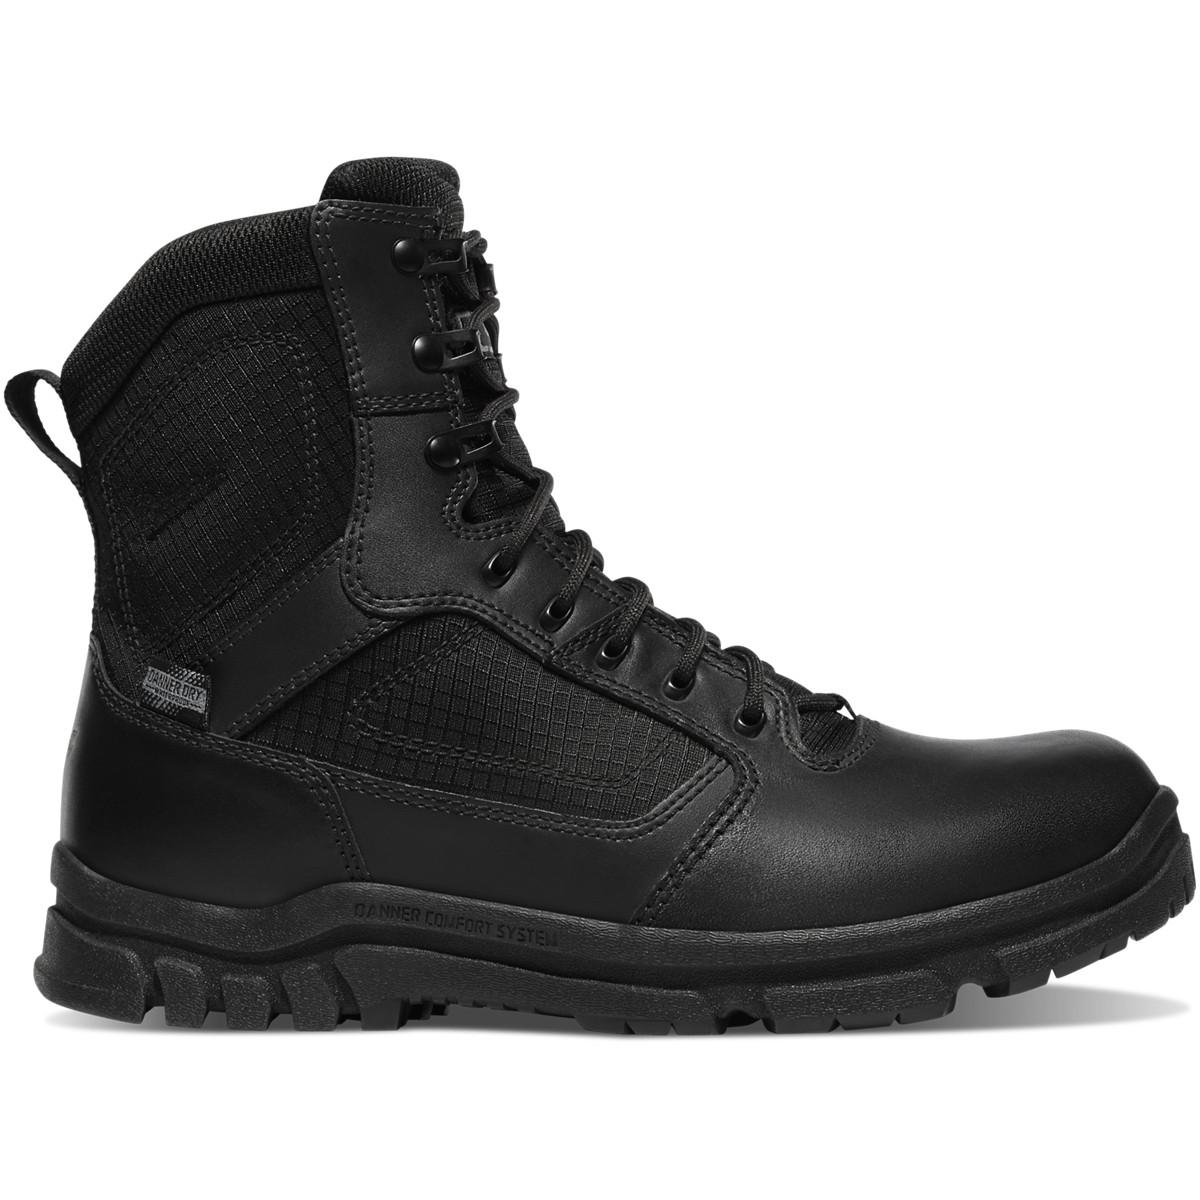 Danner Zip Up Boots